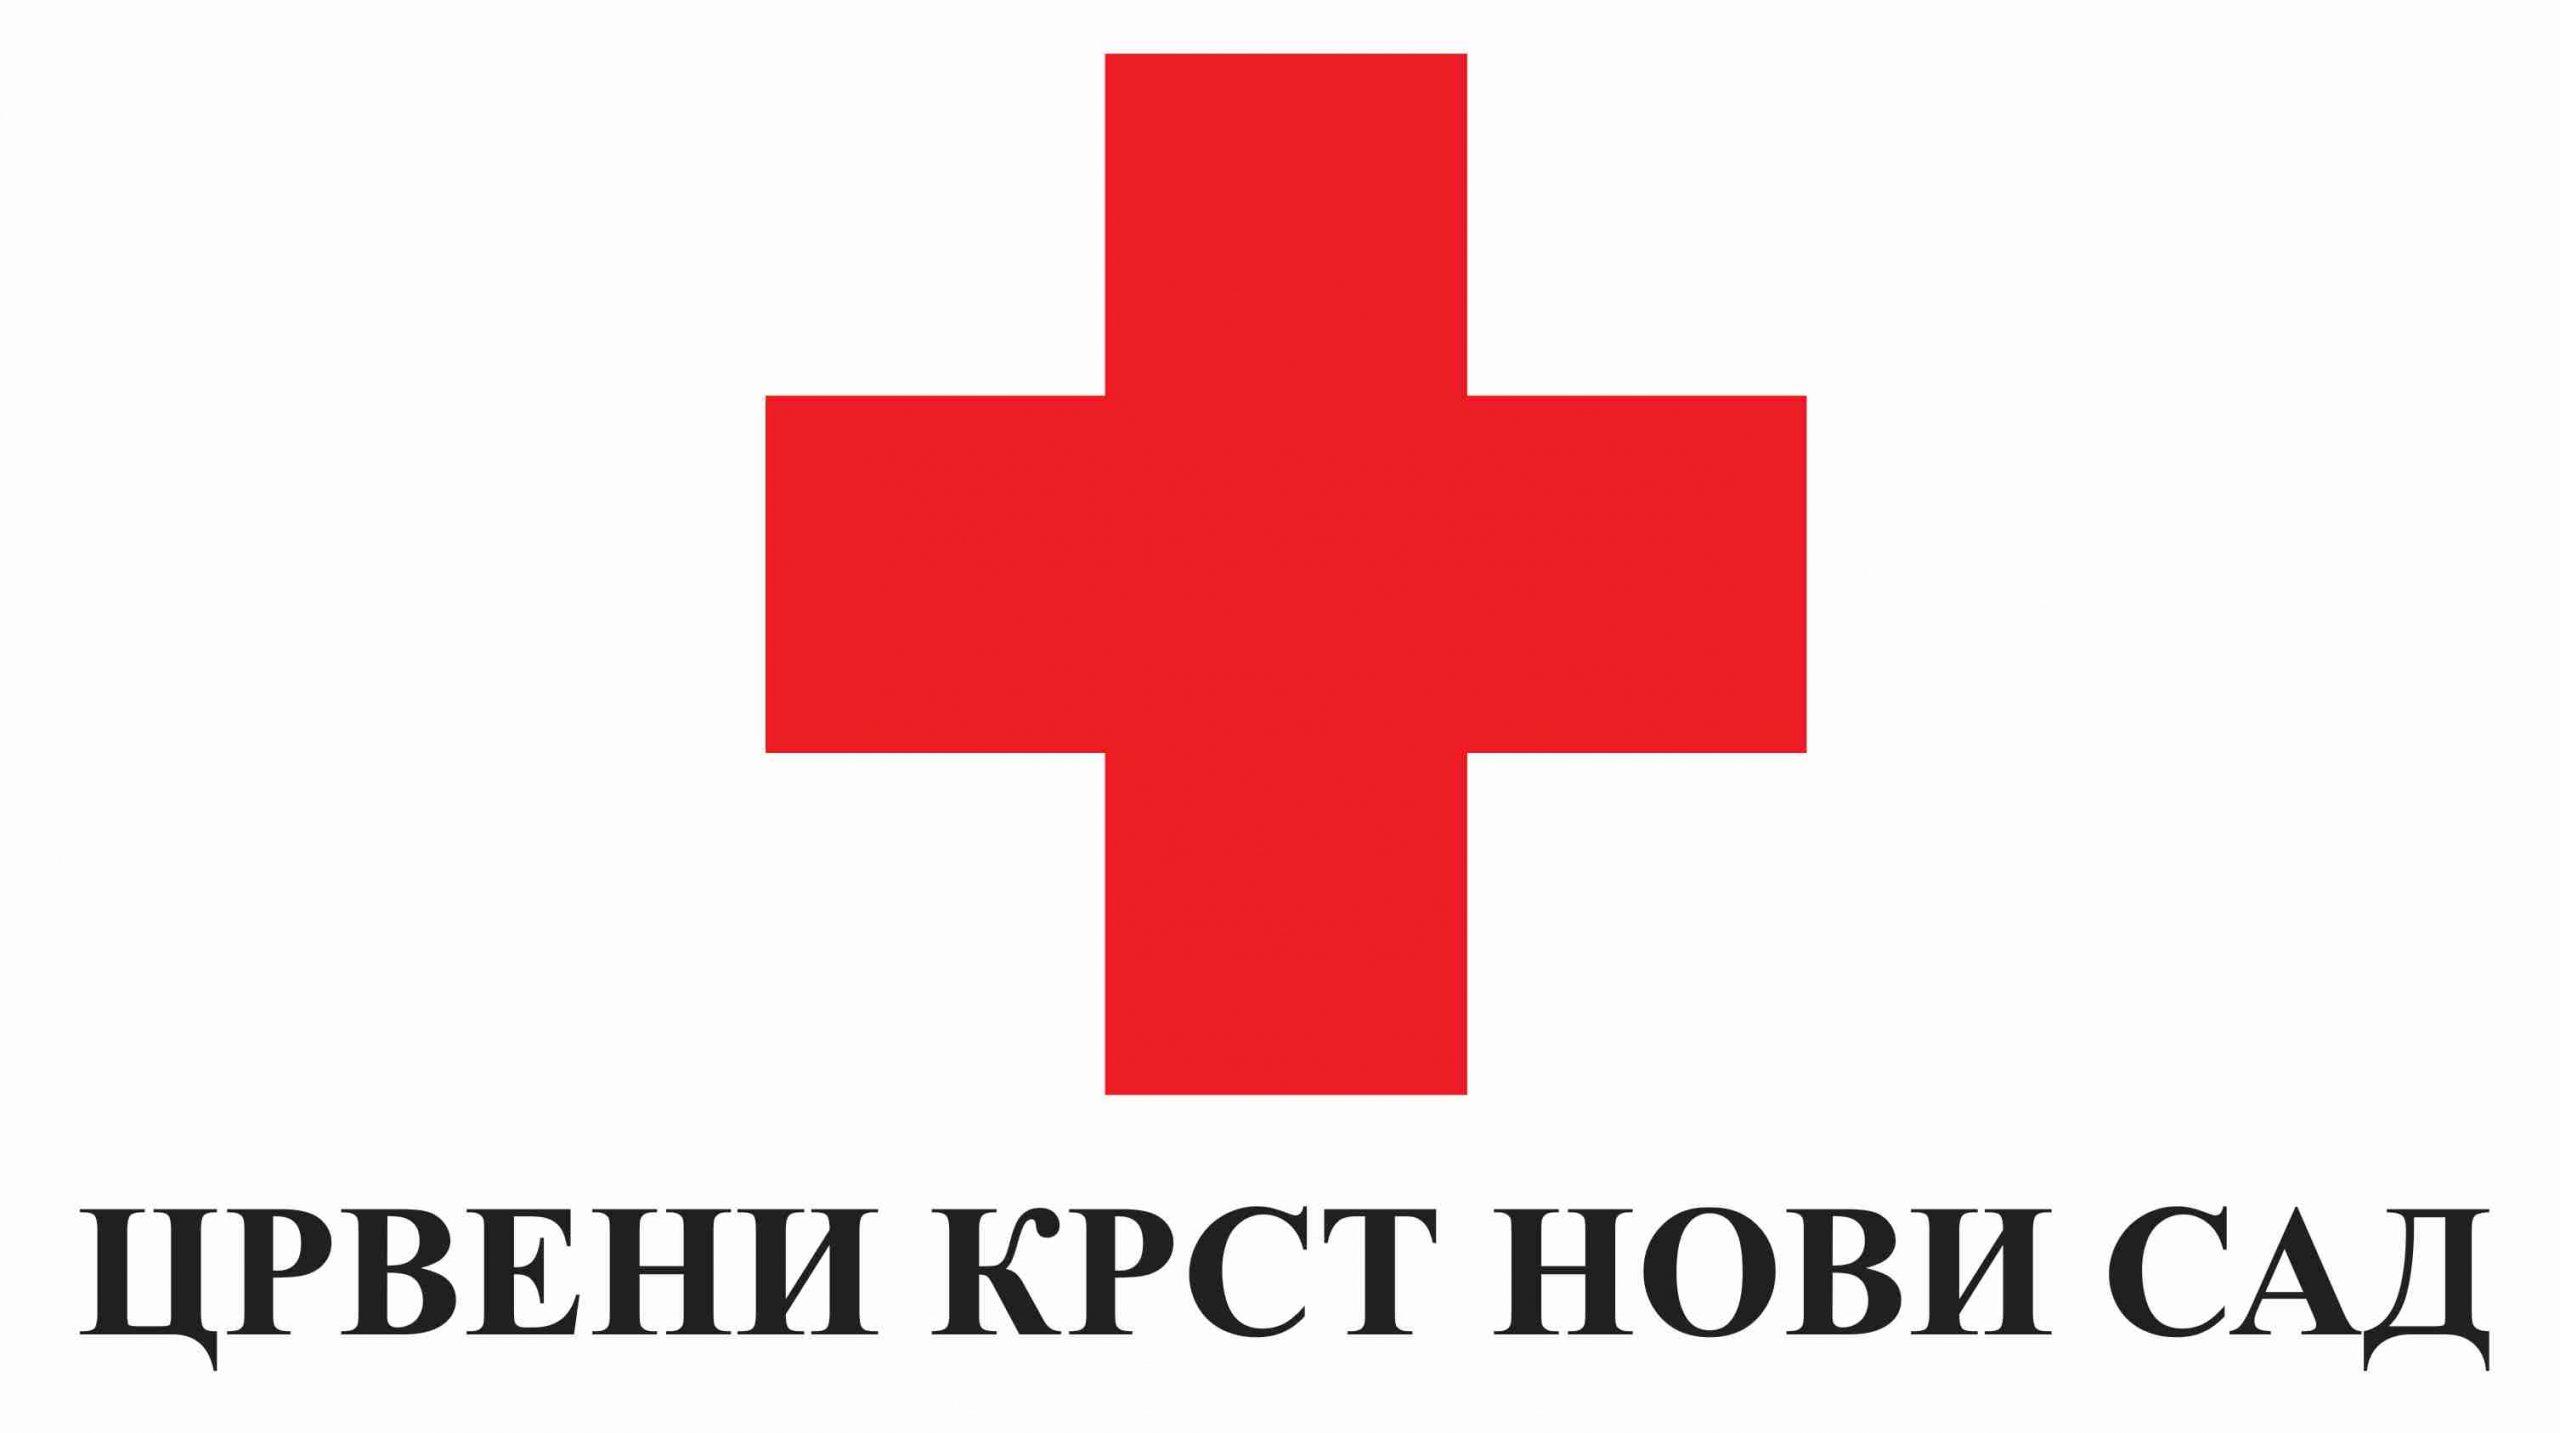 Црвени крст Новог Сада